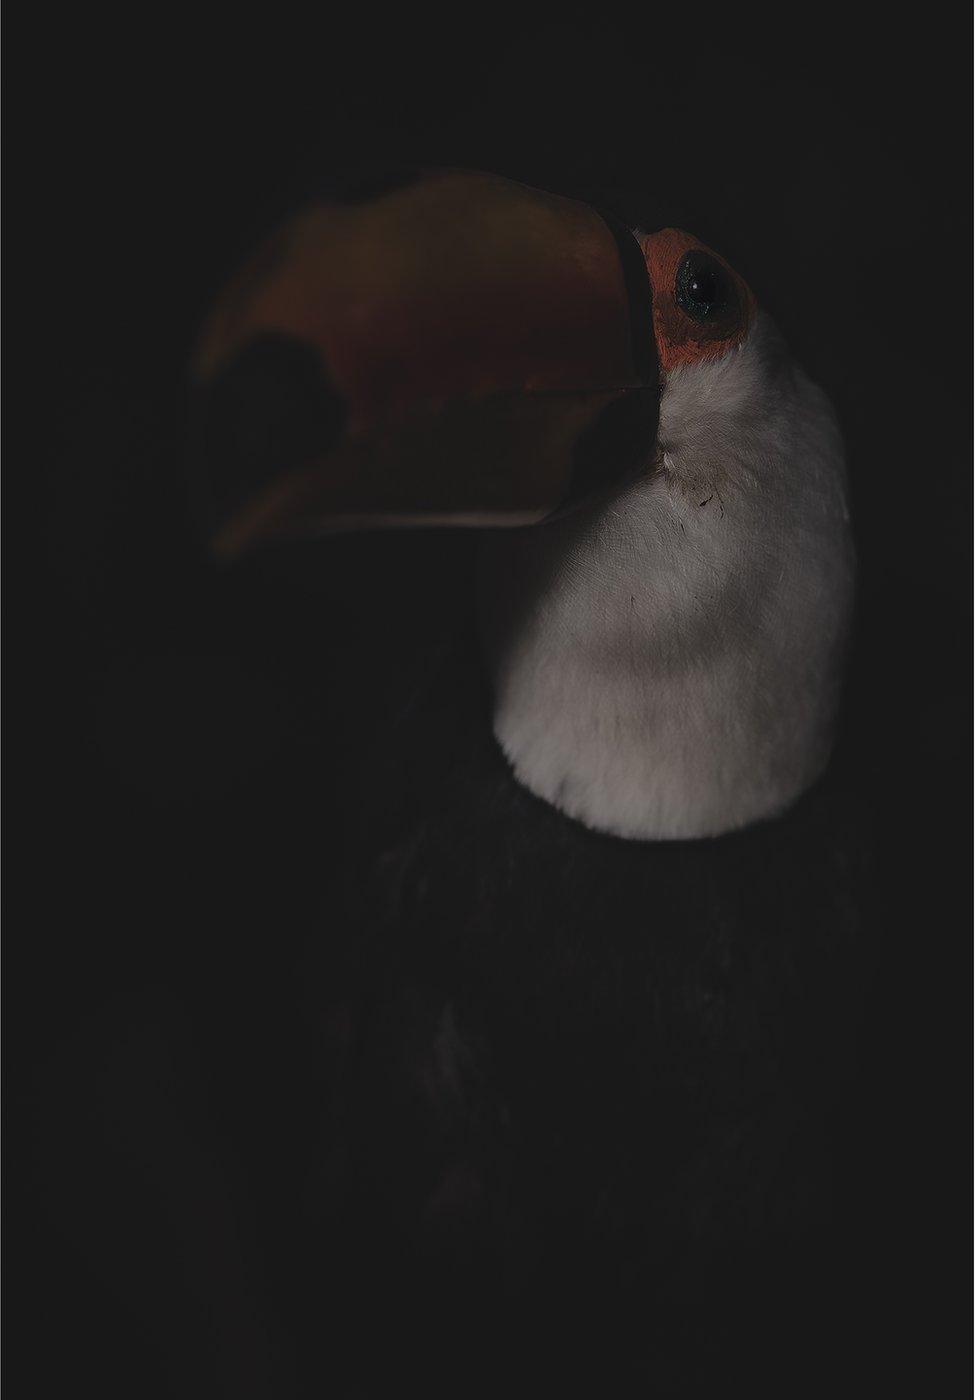 A stuffed dead toucan bird